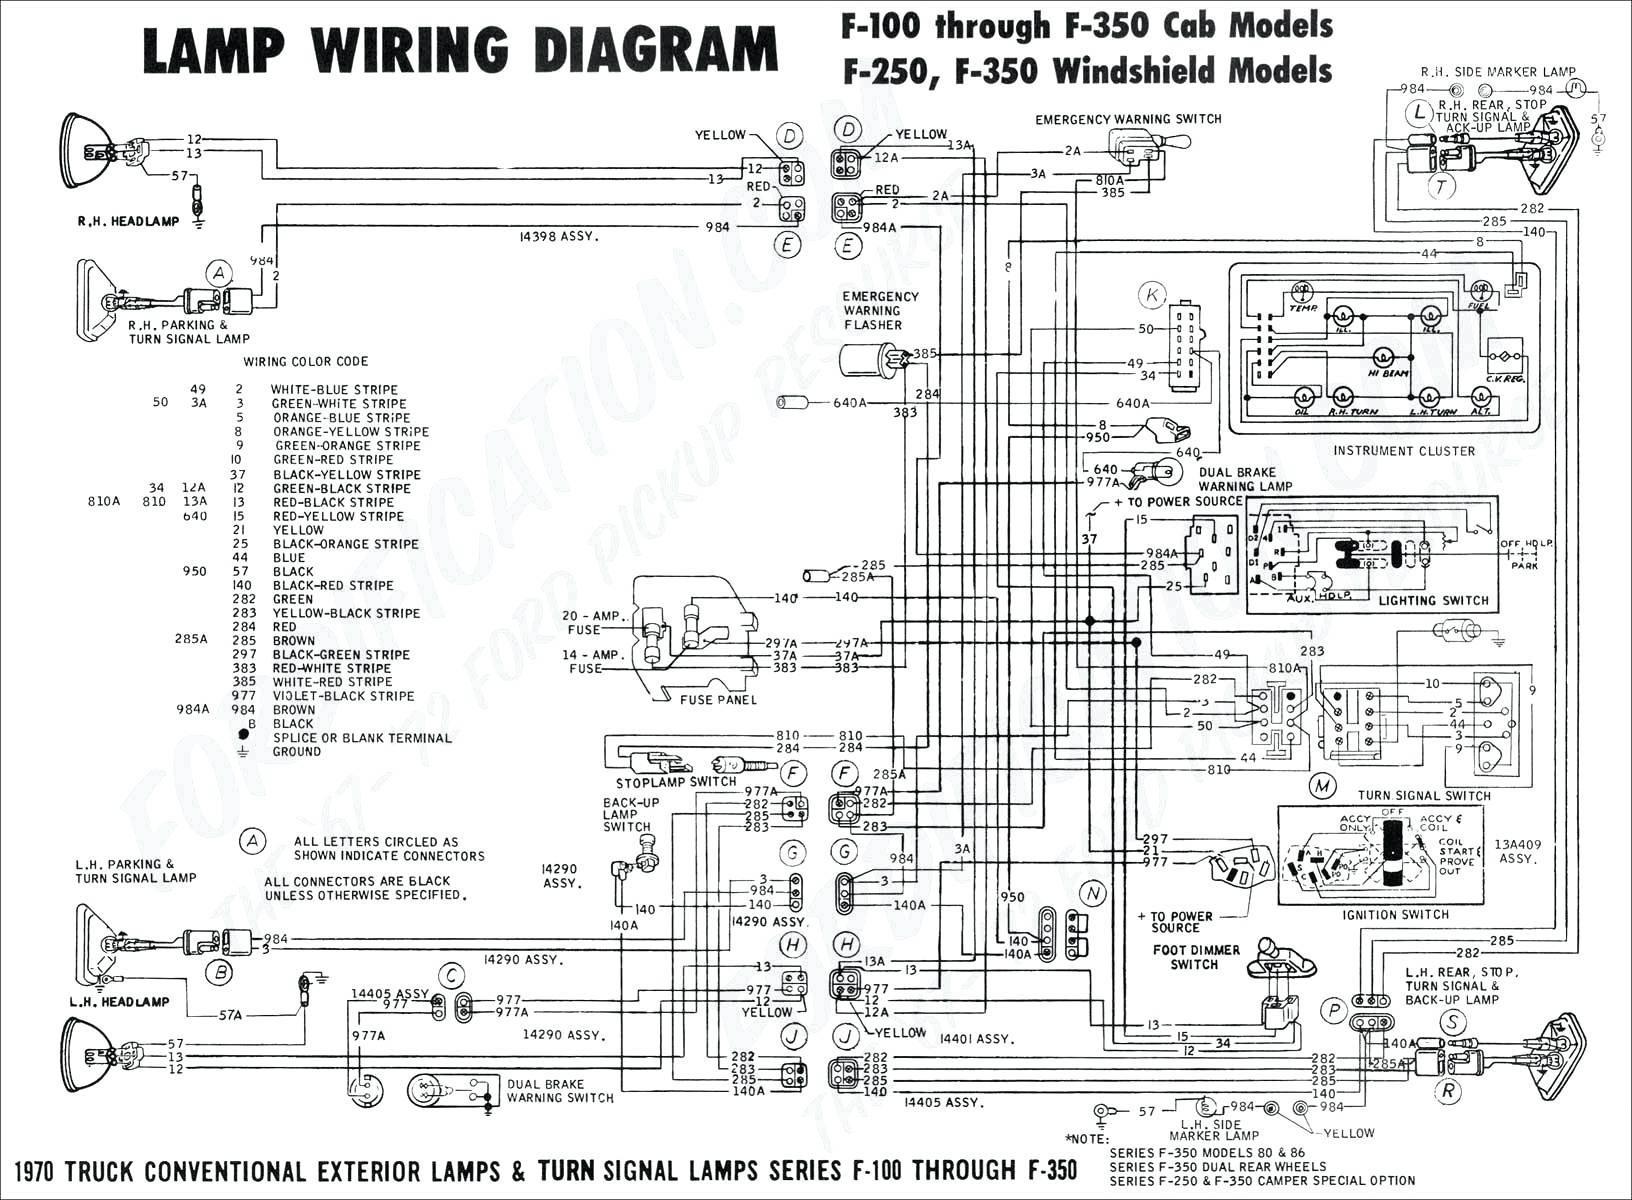 1994 ford F150 Radio Wiring Diagram 1994 ford Taurus Wiring Schematic Of 1994 ford F150 Radio Wiring Diagram